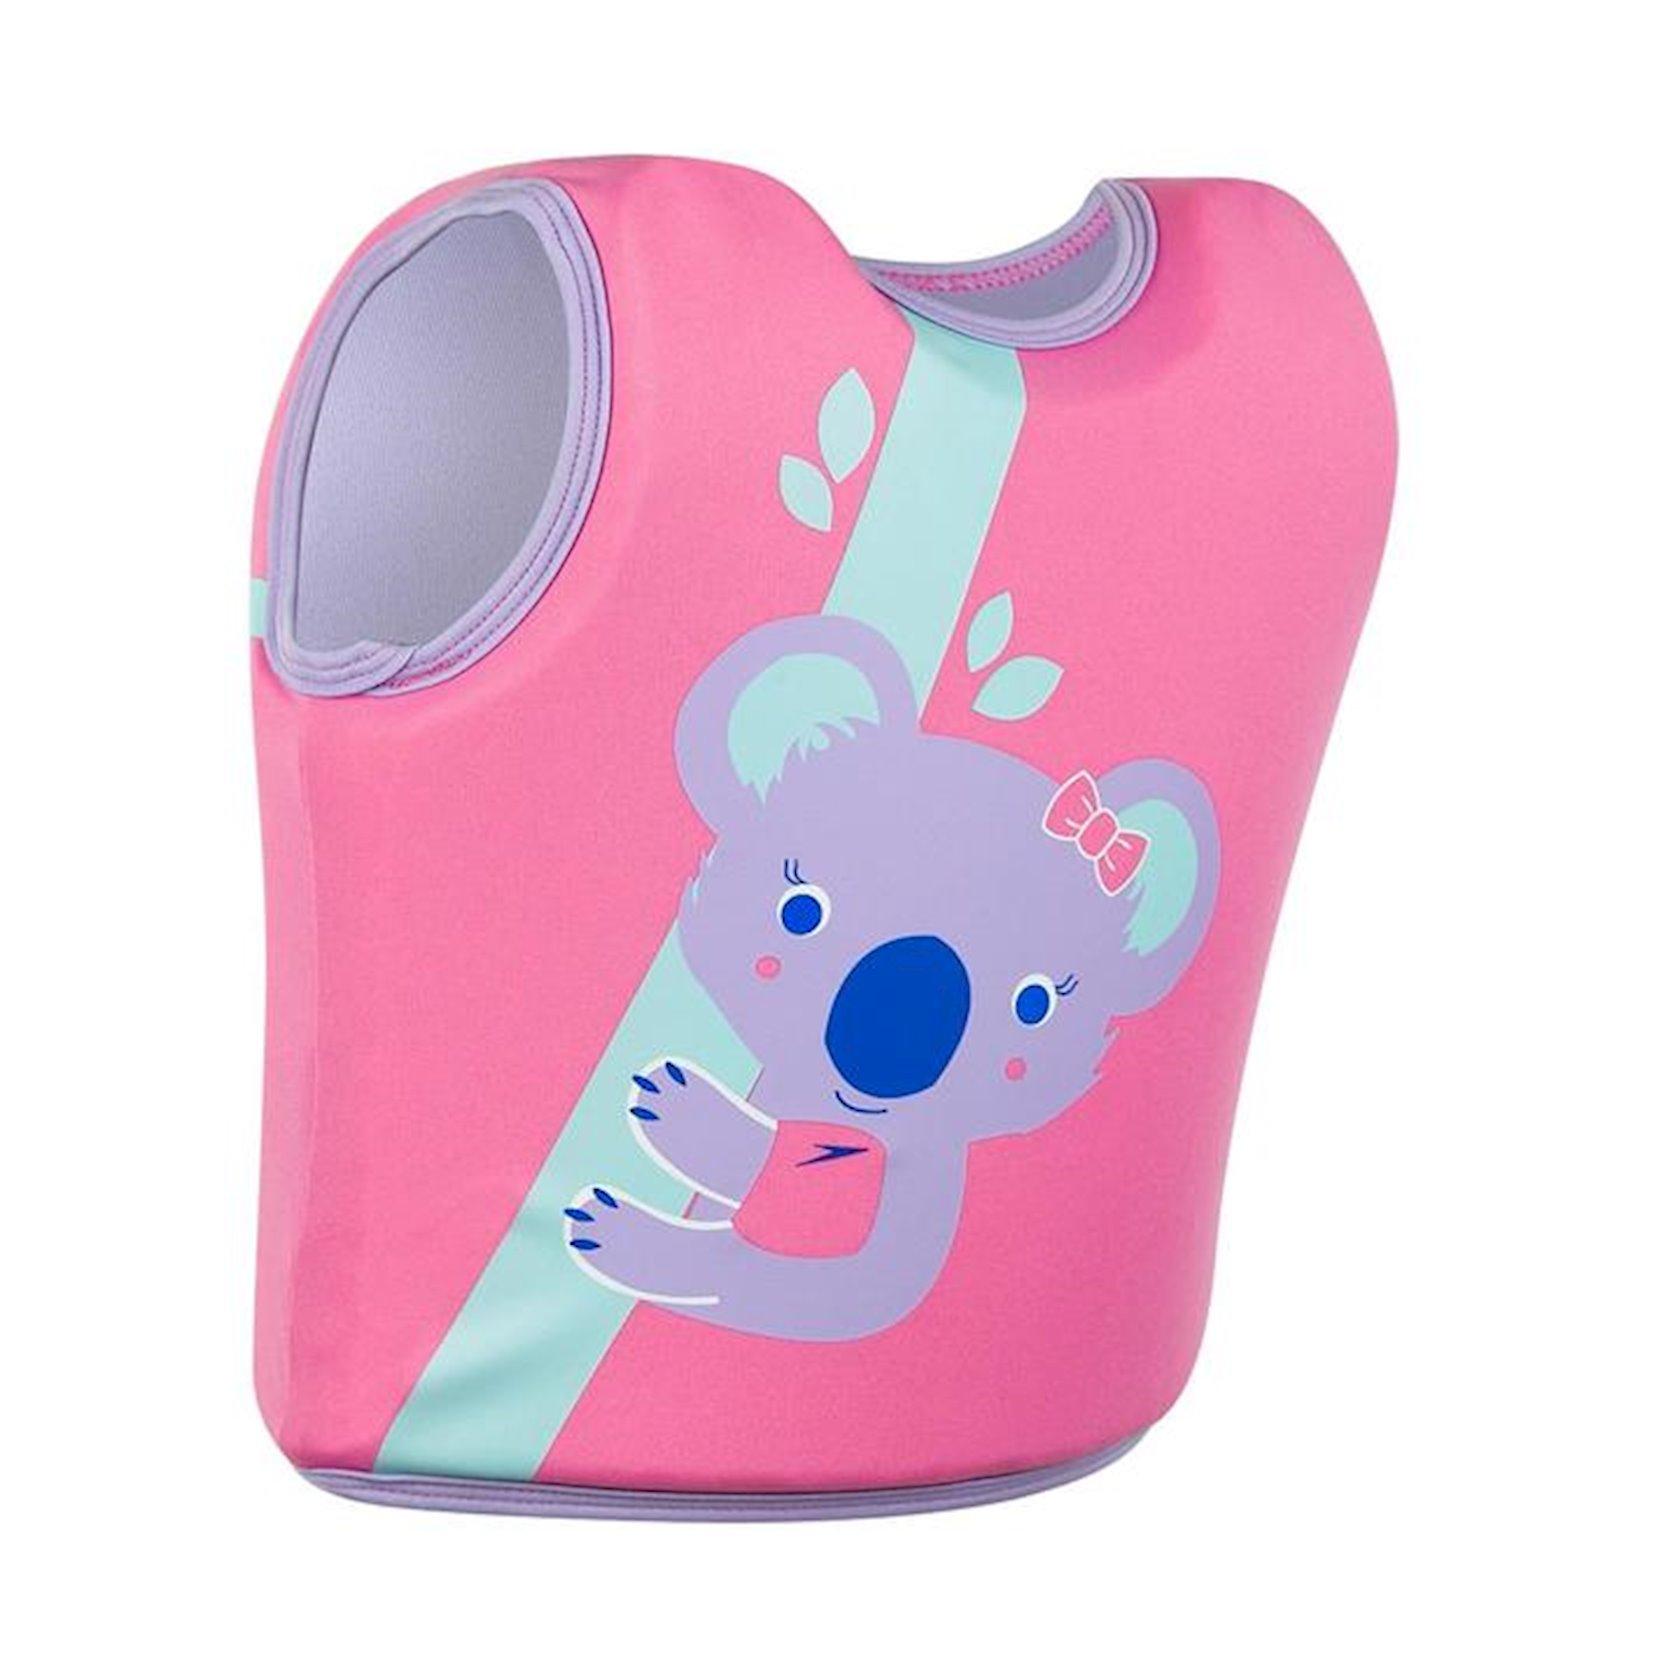 Üzmək gödəkçəsi Speedo Koala Printed Float Vest 12252D681, çəhrayı, ölçüsü 4-6 yaş